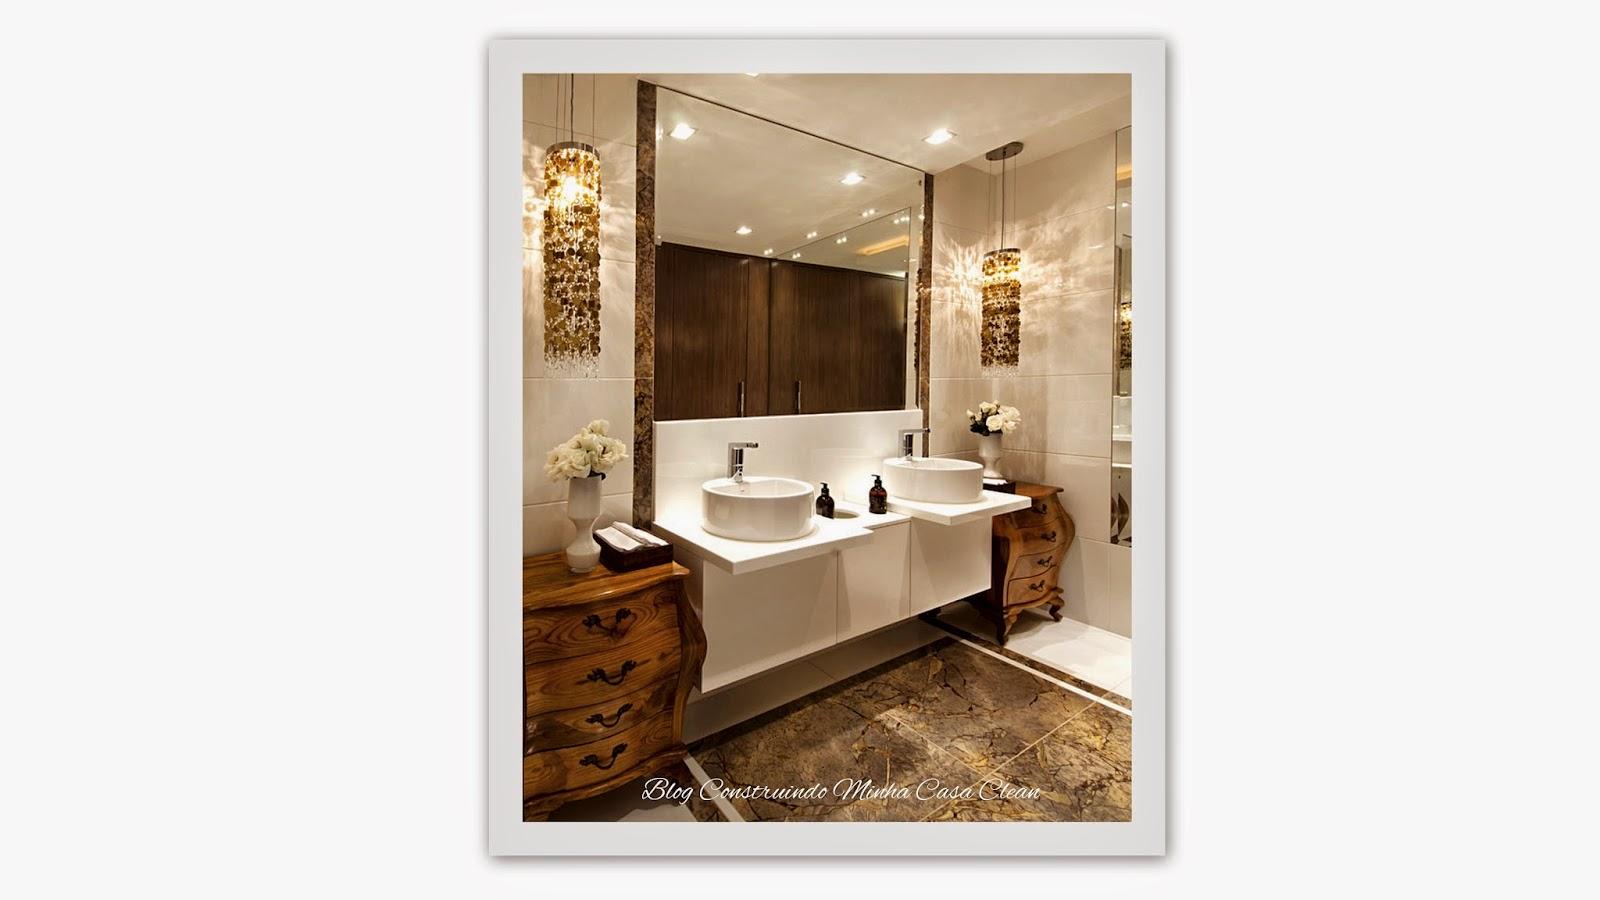 Papel de parede de oncinha! Espelho veneziano e arandelas provençal #AE871D 1600 900